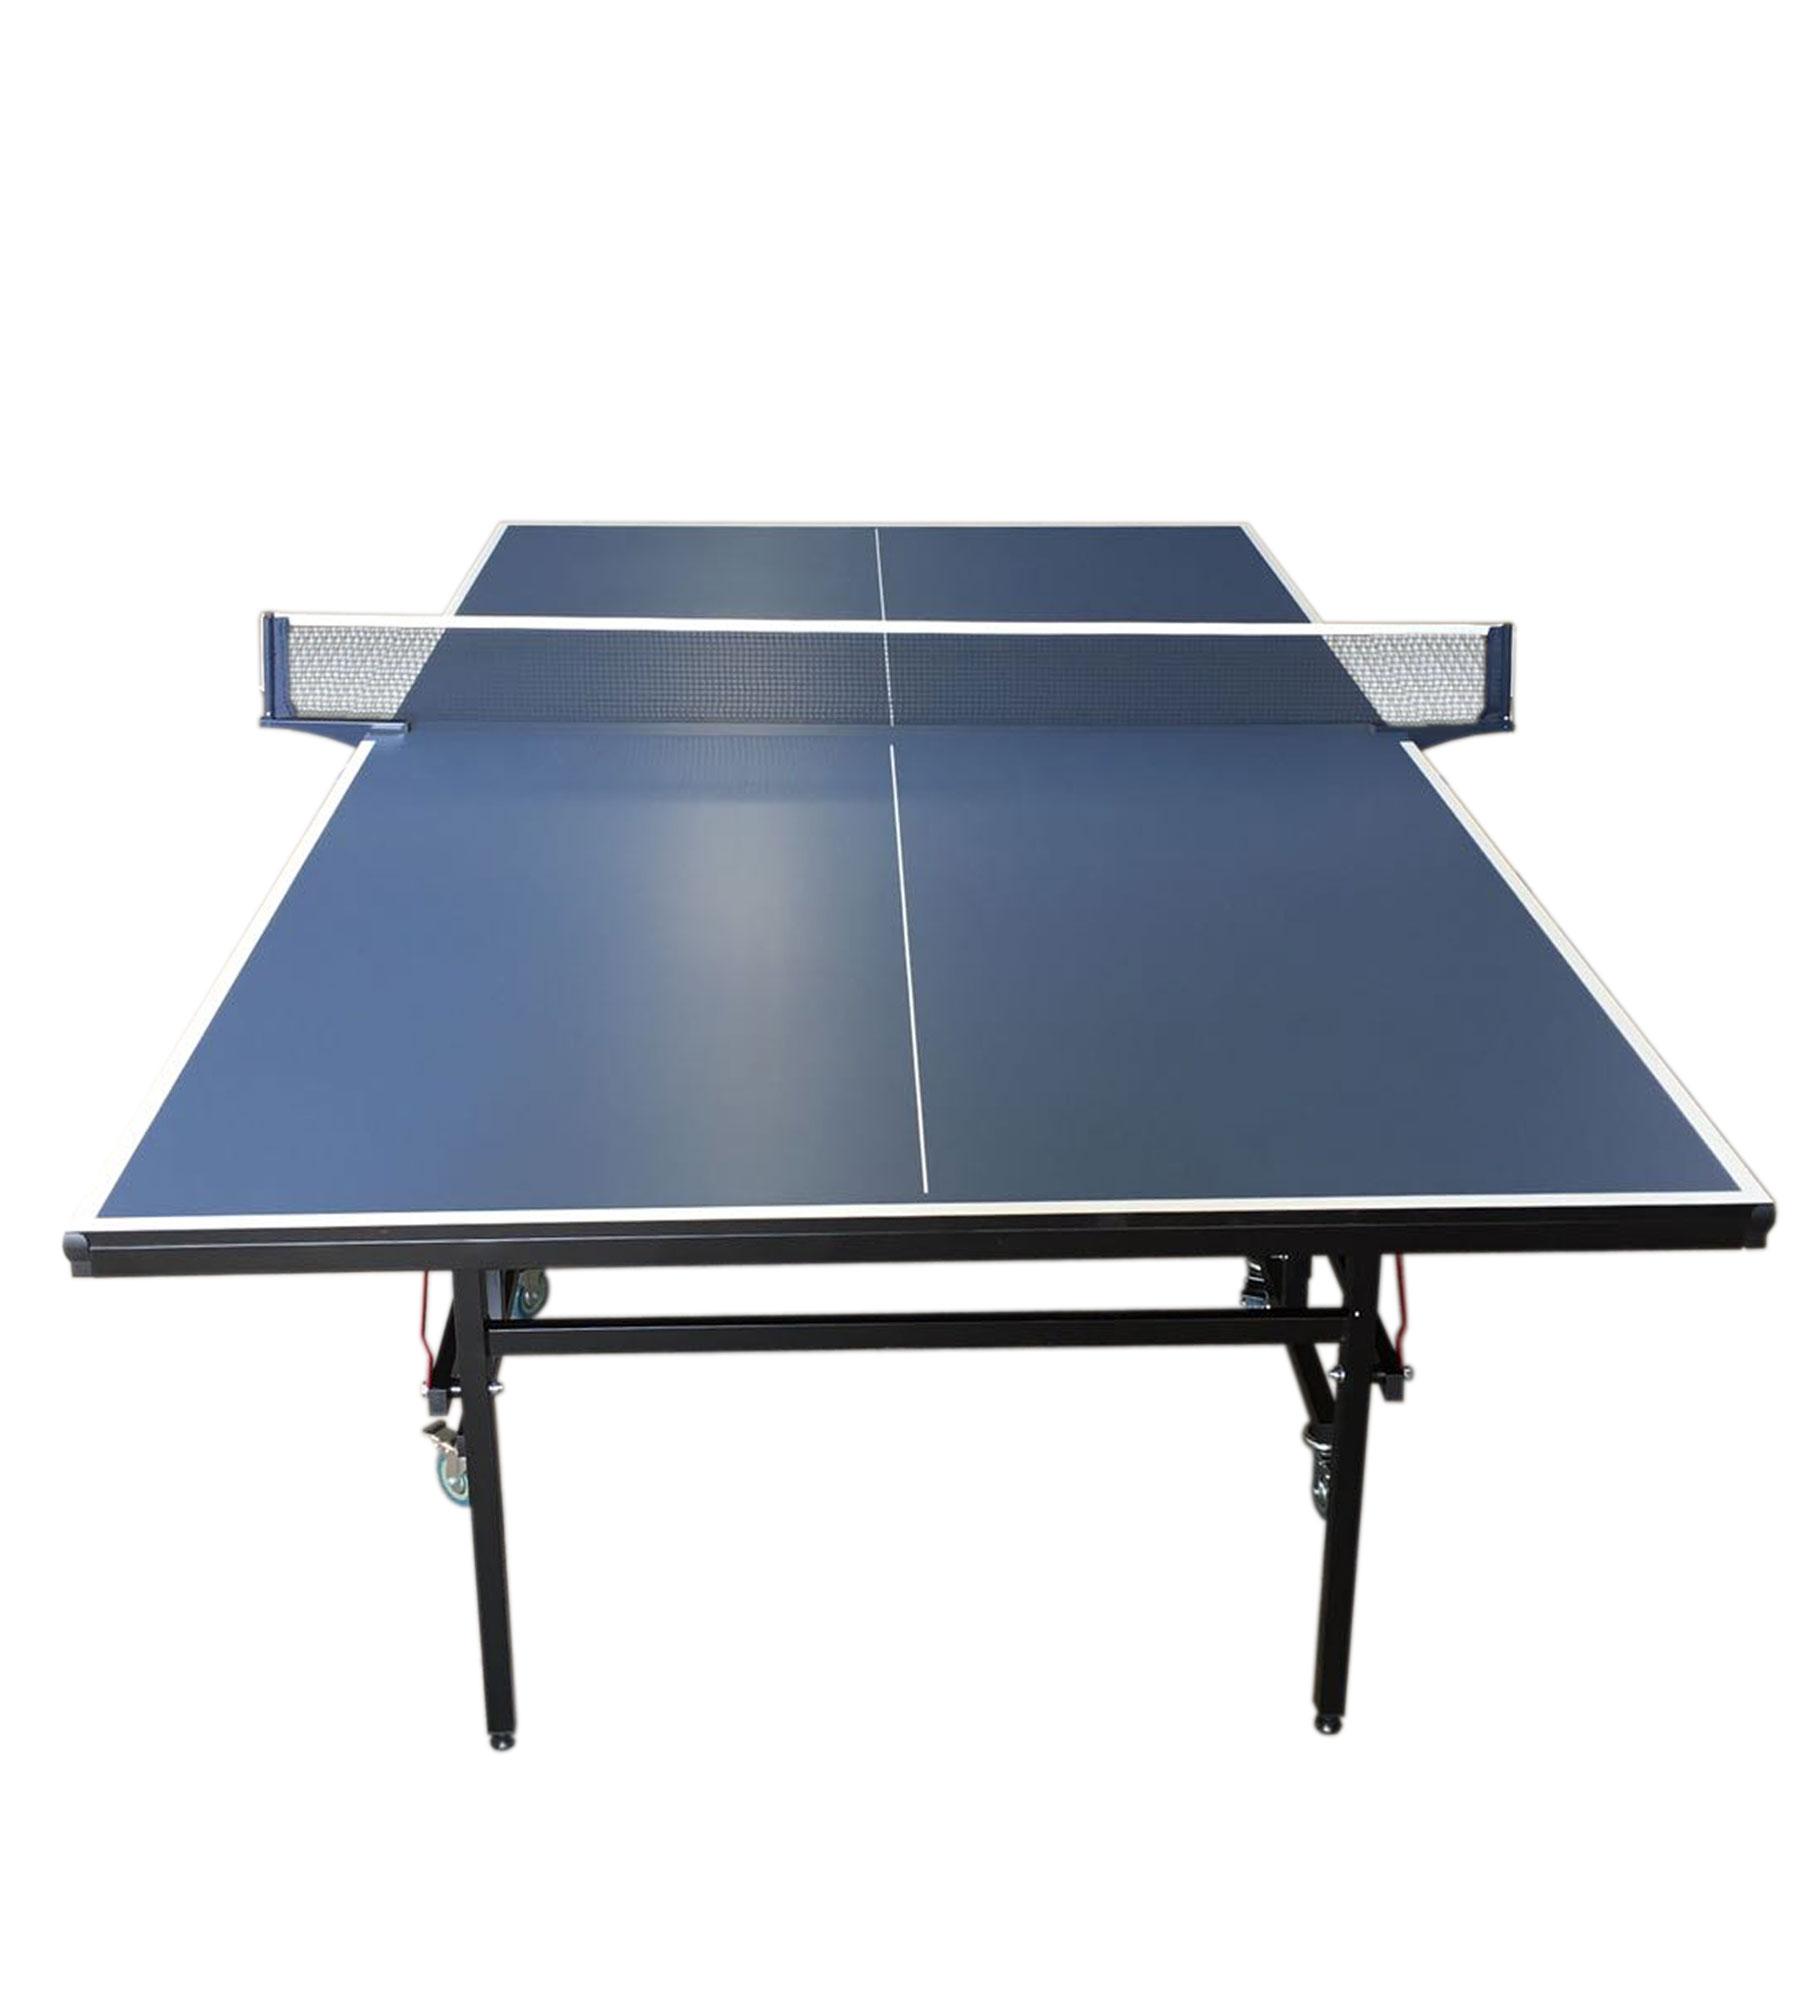 Tavolo ping pong professionale tennis da tavolo blue con rete modello roby ebay - Tavolo da ping pong misure ...